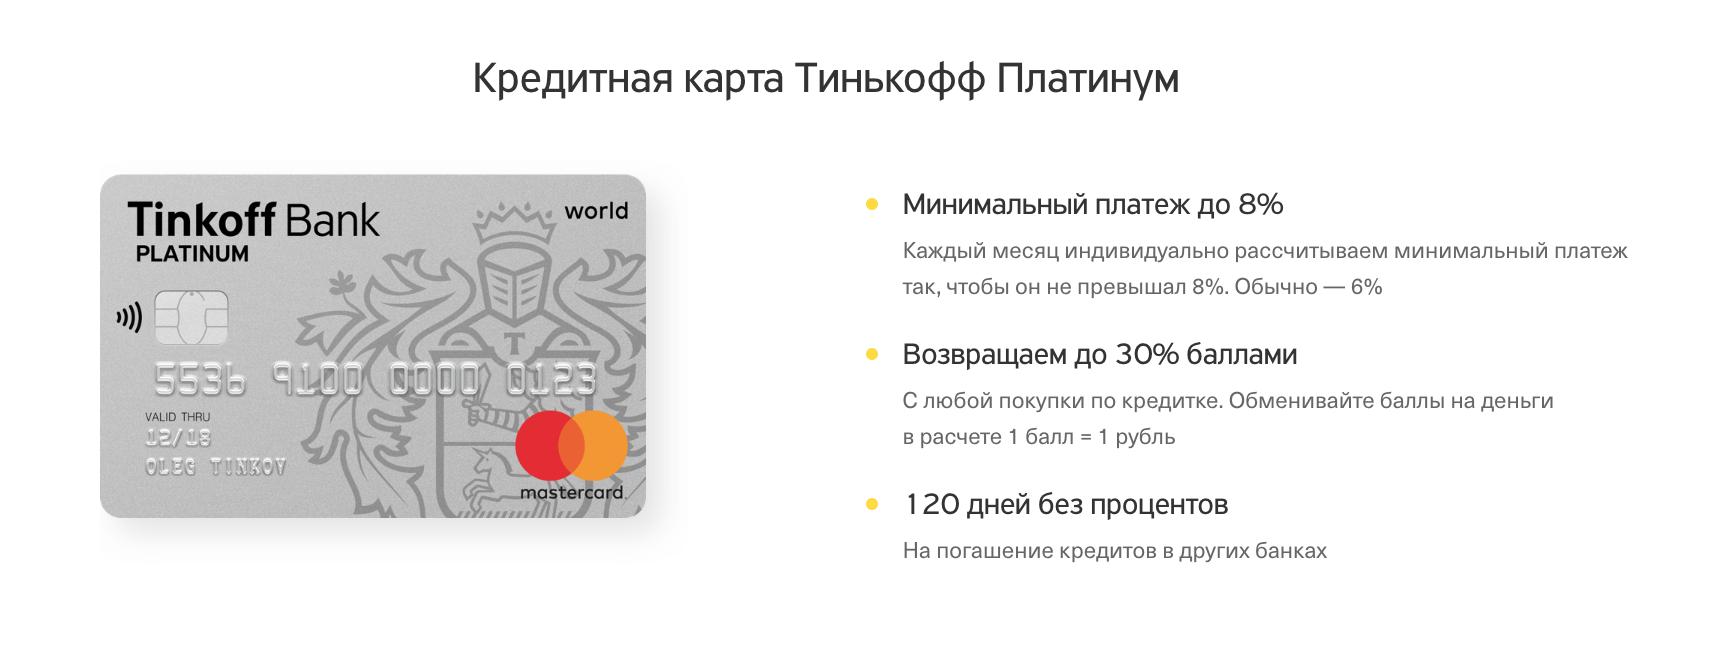 КредиткаТинькоффПлатинум